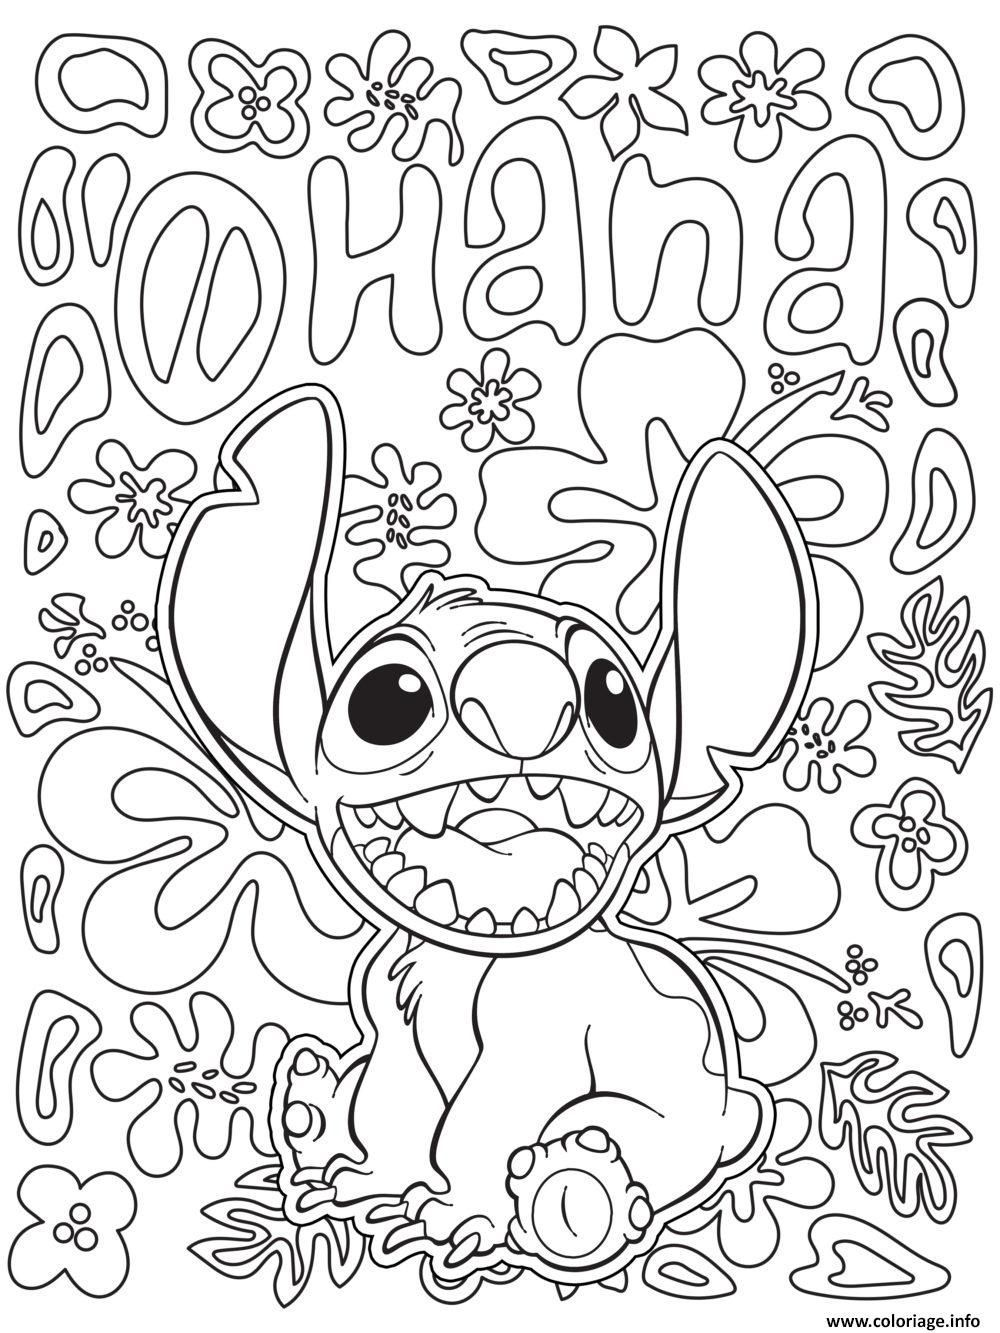 Einfache Disney Mandala Färbung Stitch von Lilo und Stitch Drawing